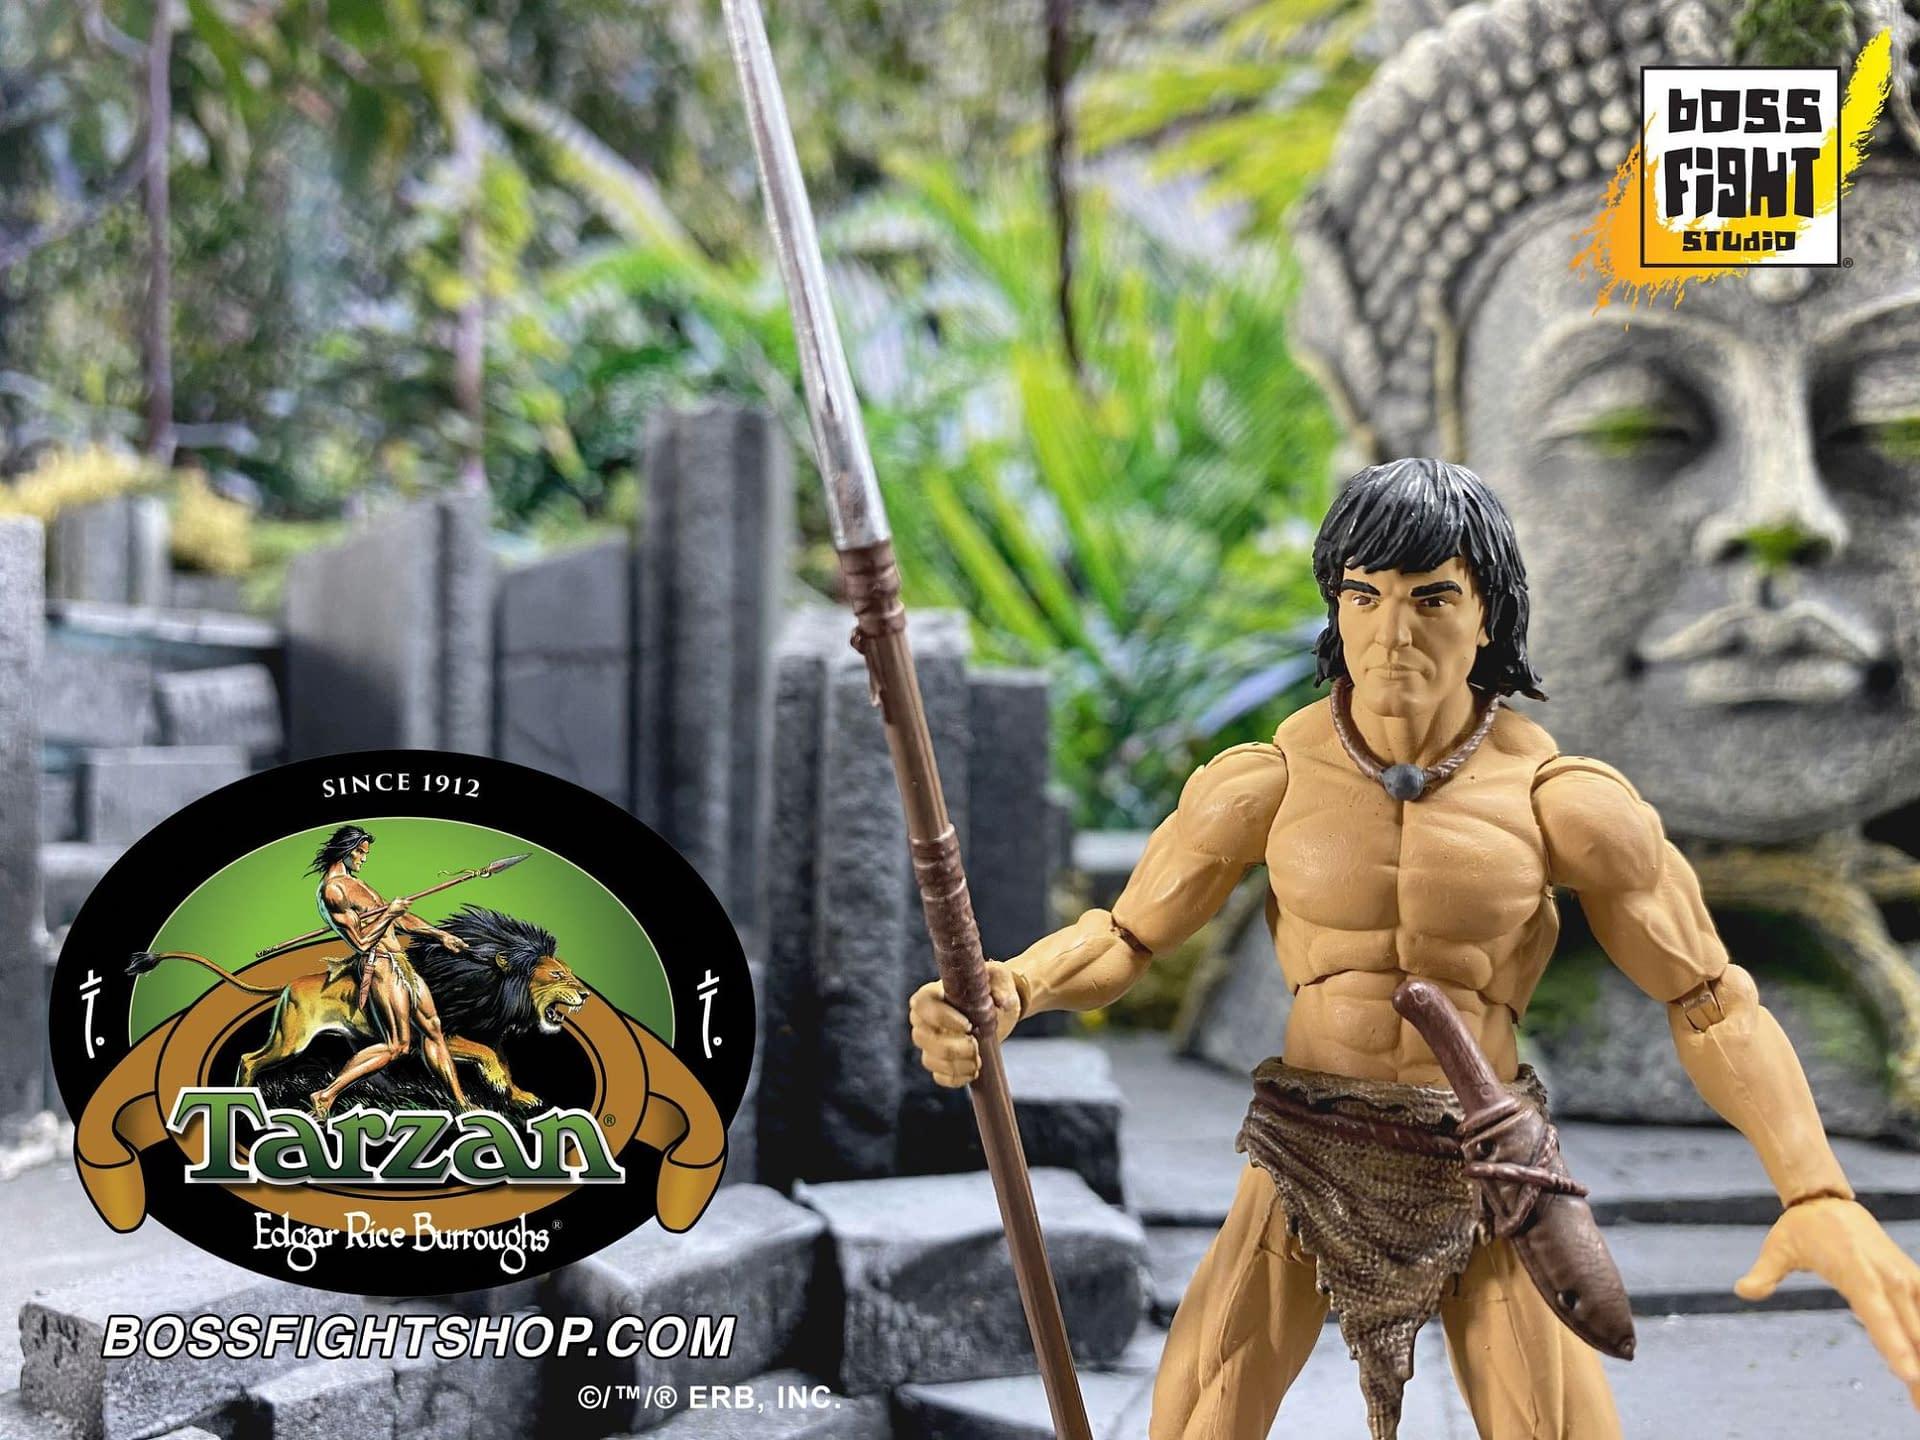 Tarzan Swings on in With New Figures From Boss Fight Studio